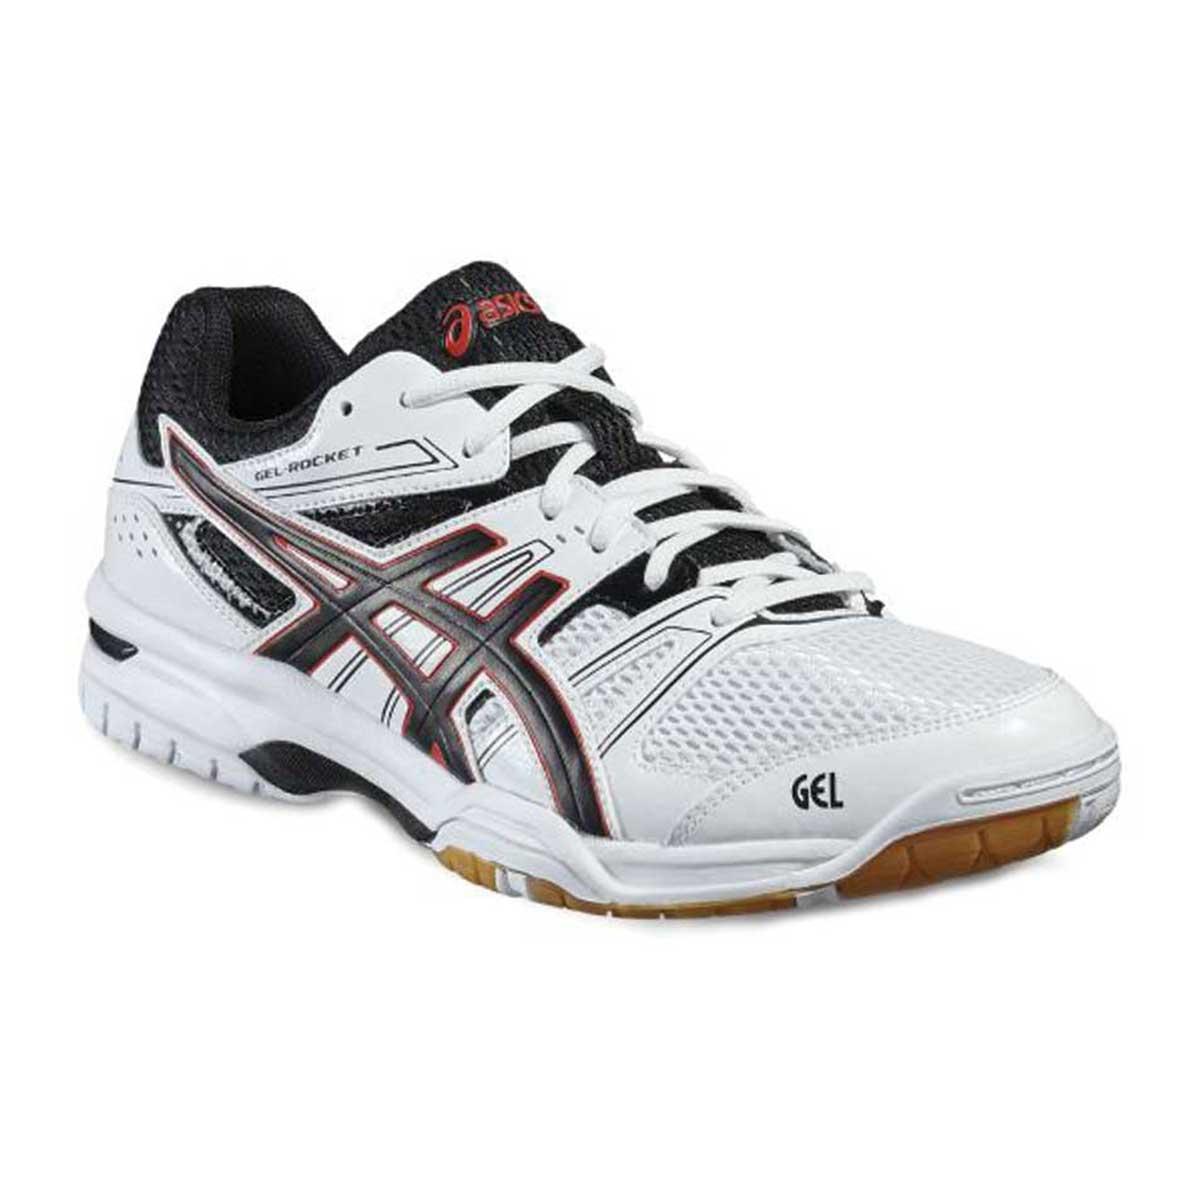 Squash Shoes   Squash   Sports   Buy   Asics   Asics Gel Rocket 7 Indoor Court  Shoes WhiteBlackVermilion